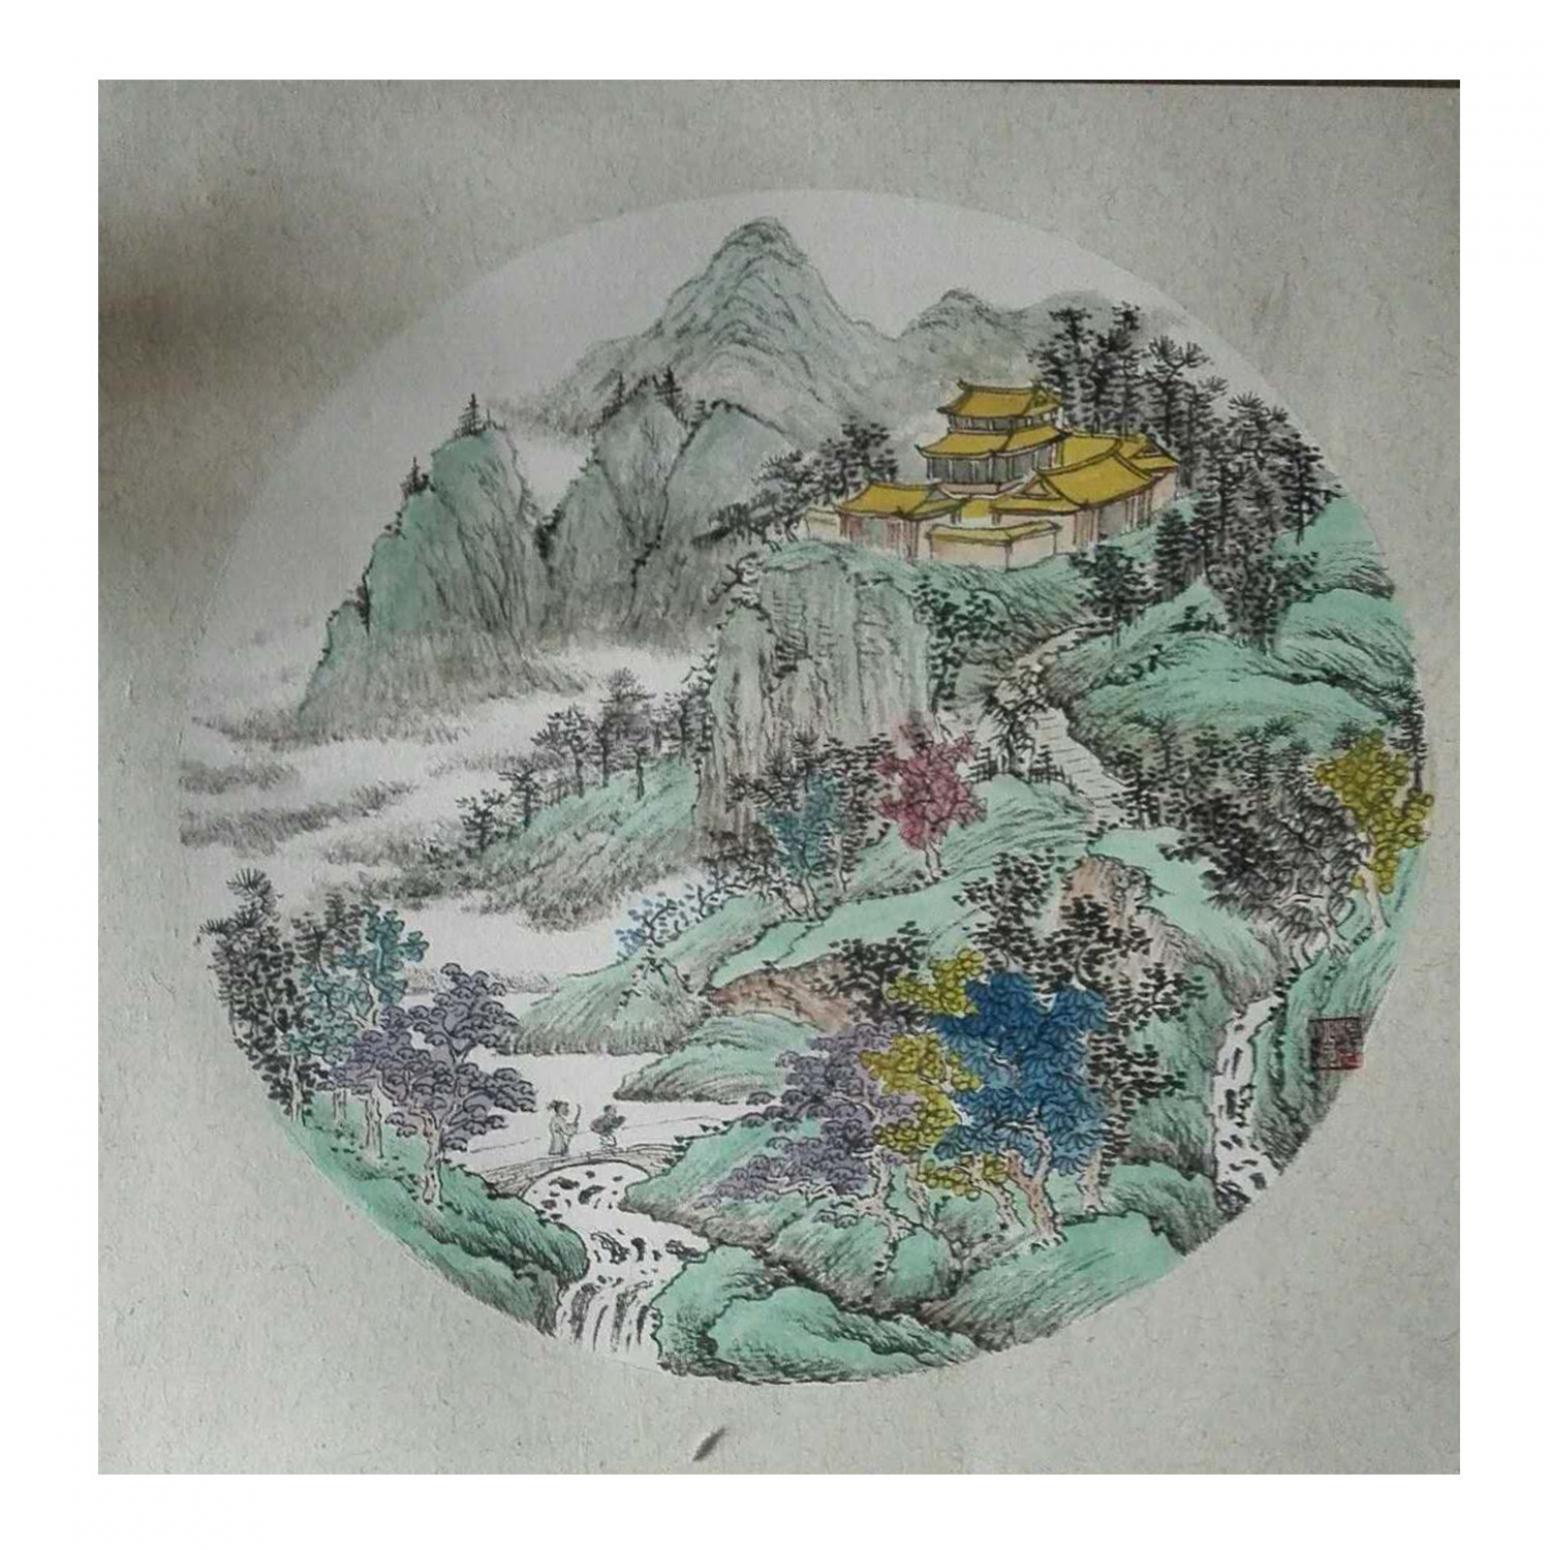 陈奇培国画作品《【圆形软卡】作者陈奇培 临摹》